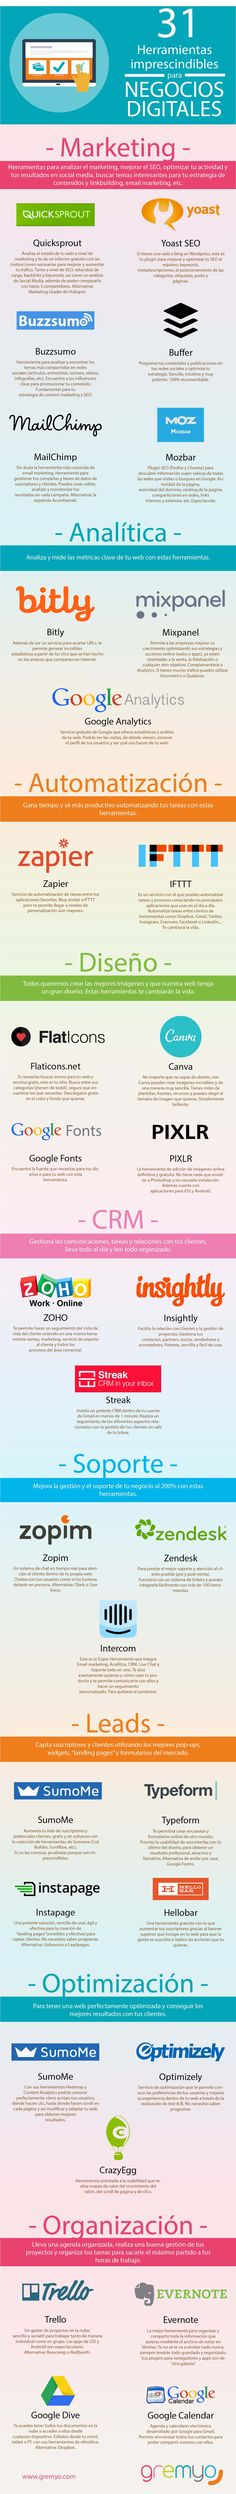 31 herramientas imprescindibles de los negocios digitales. Infografía en español. #CommunityManager